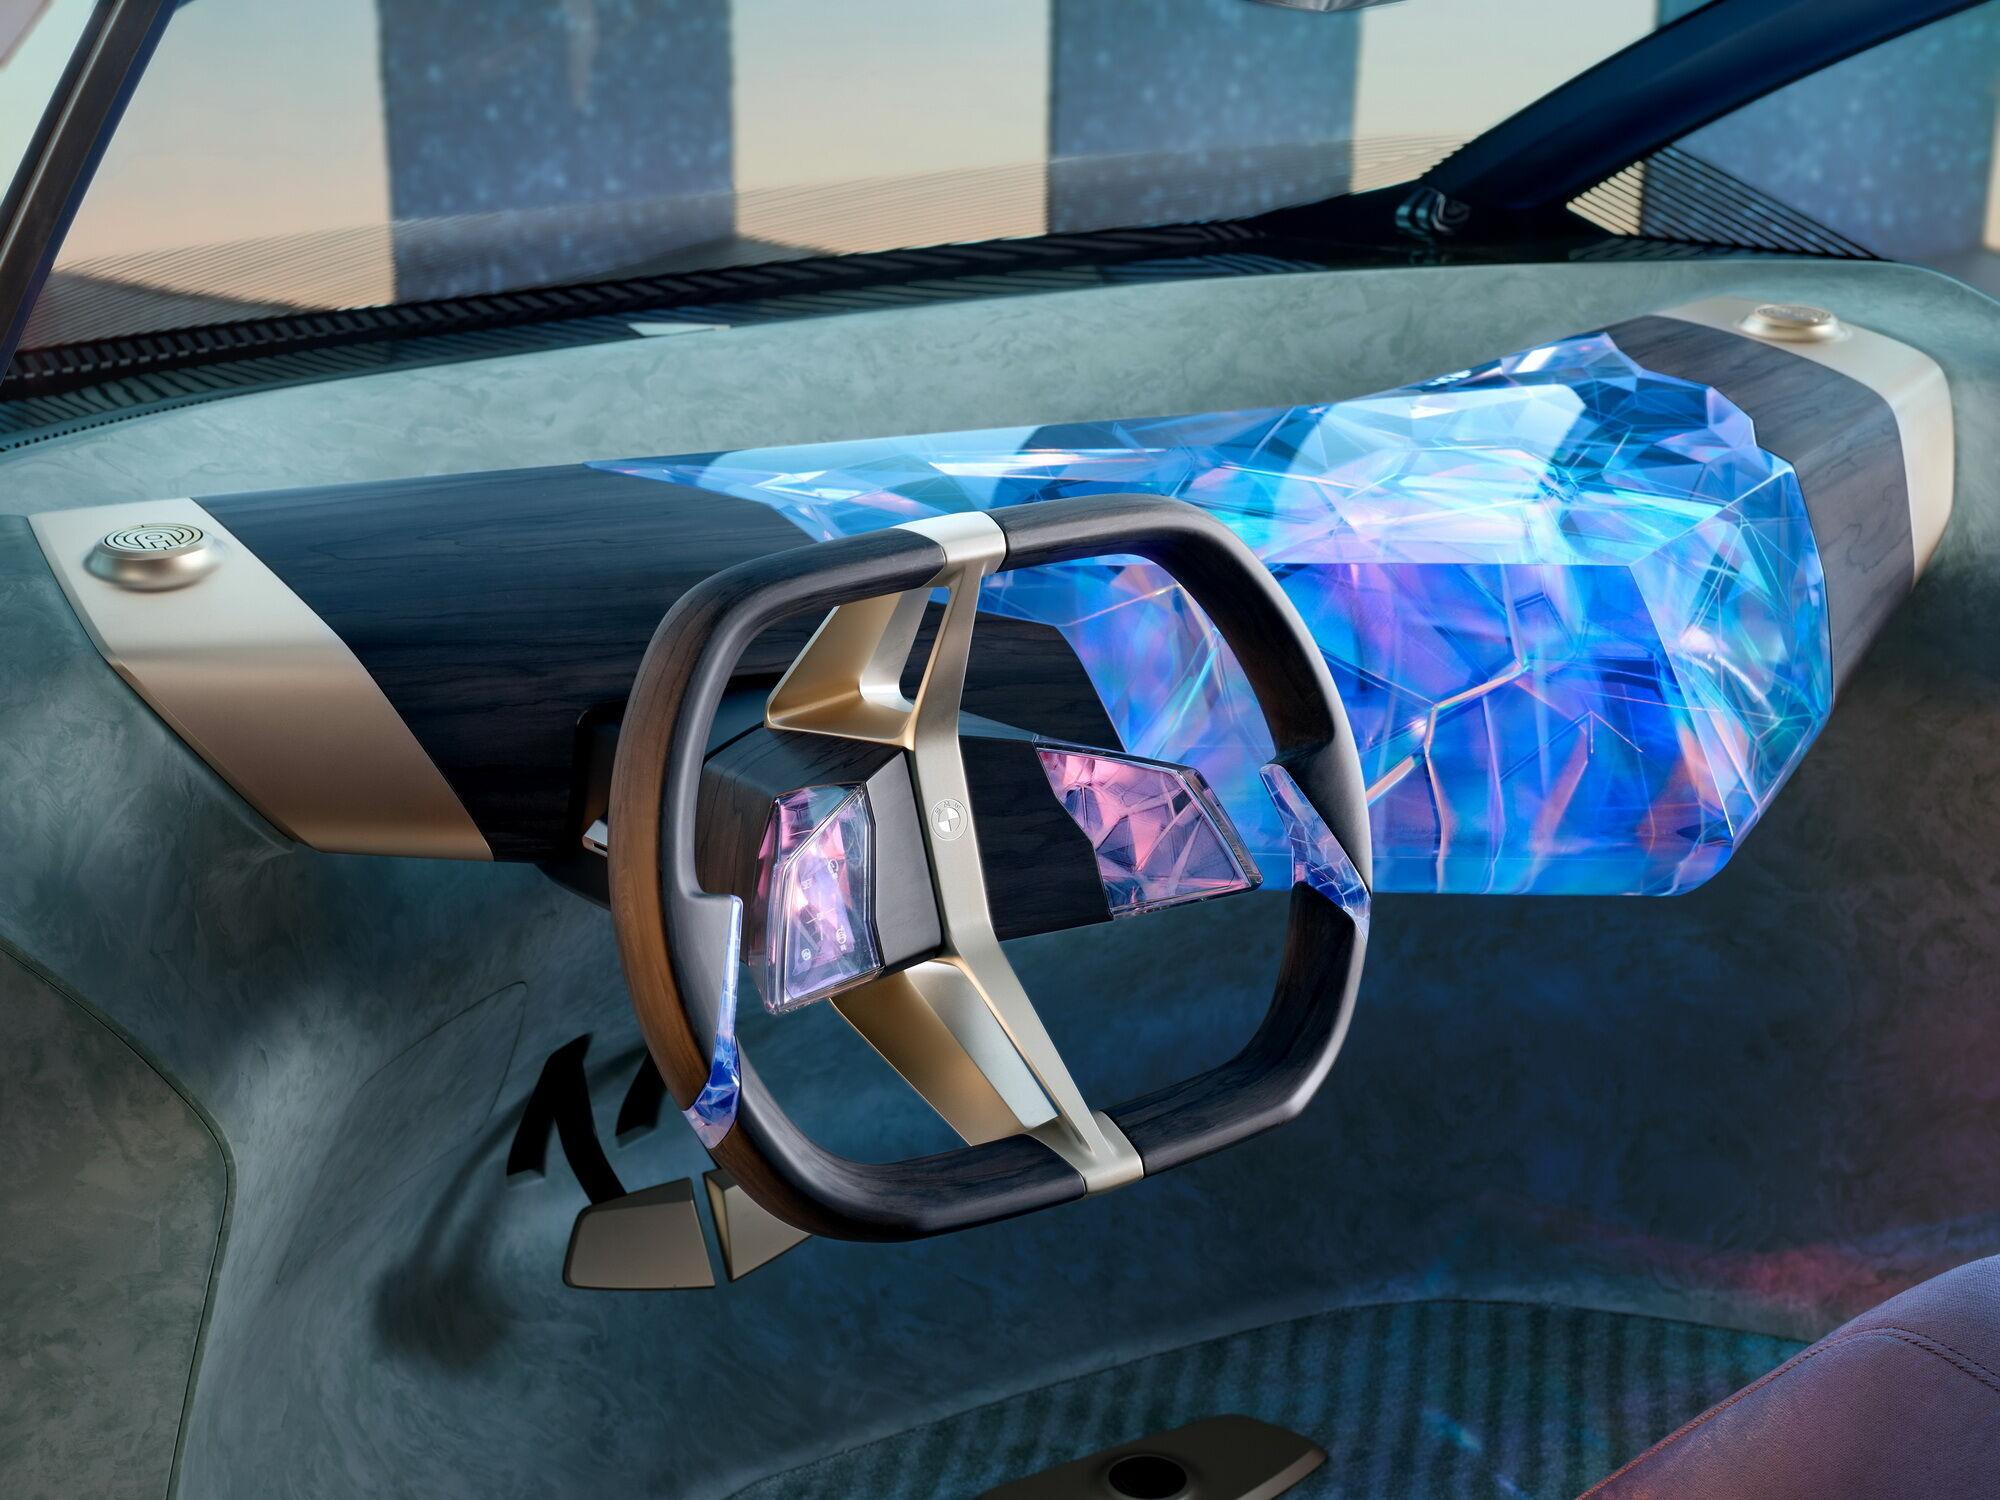 Під час виготовлення окремих частин машини активно використовувався 3D-друк